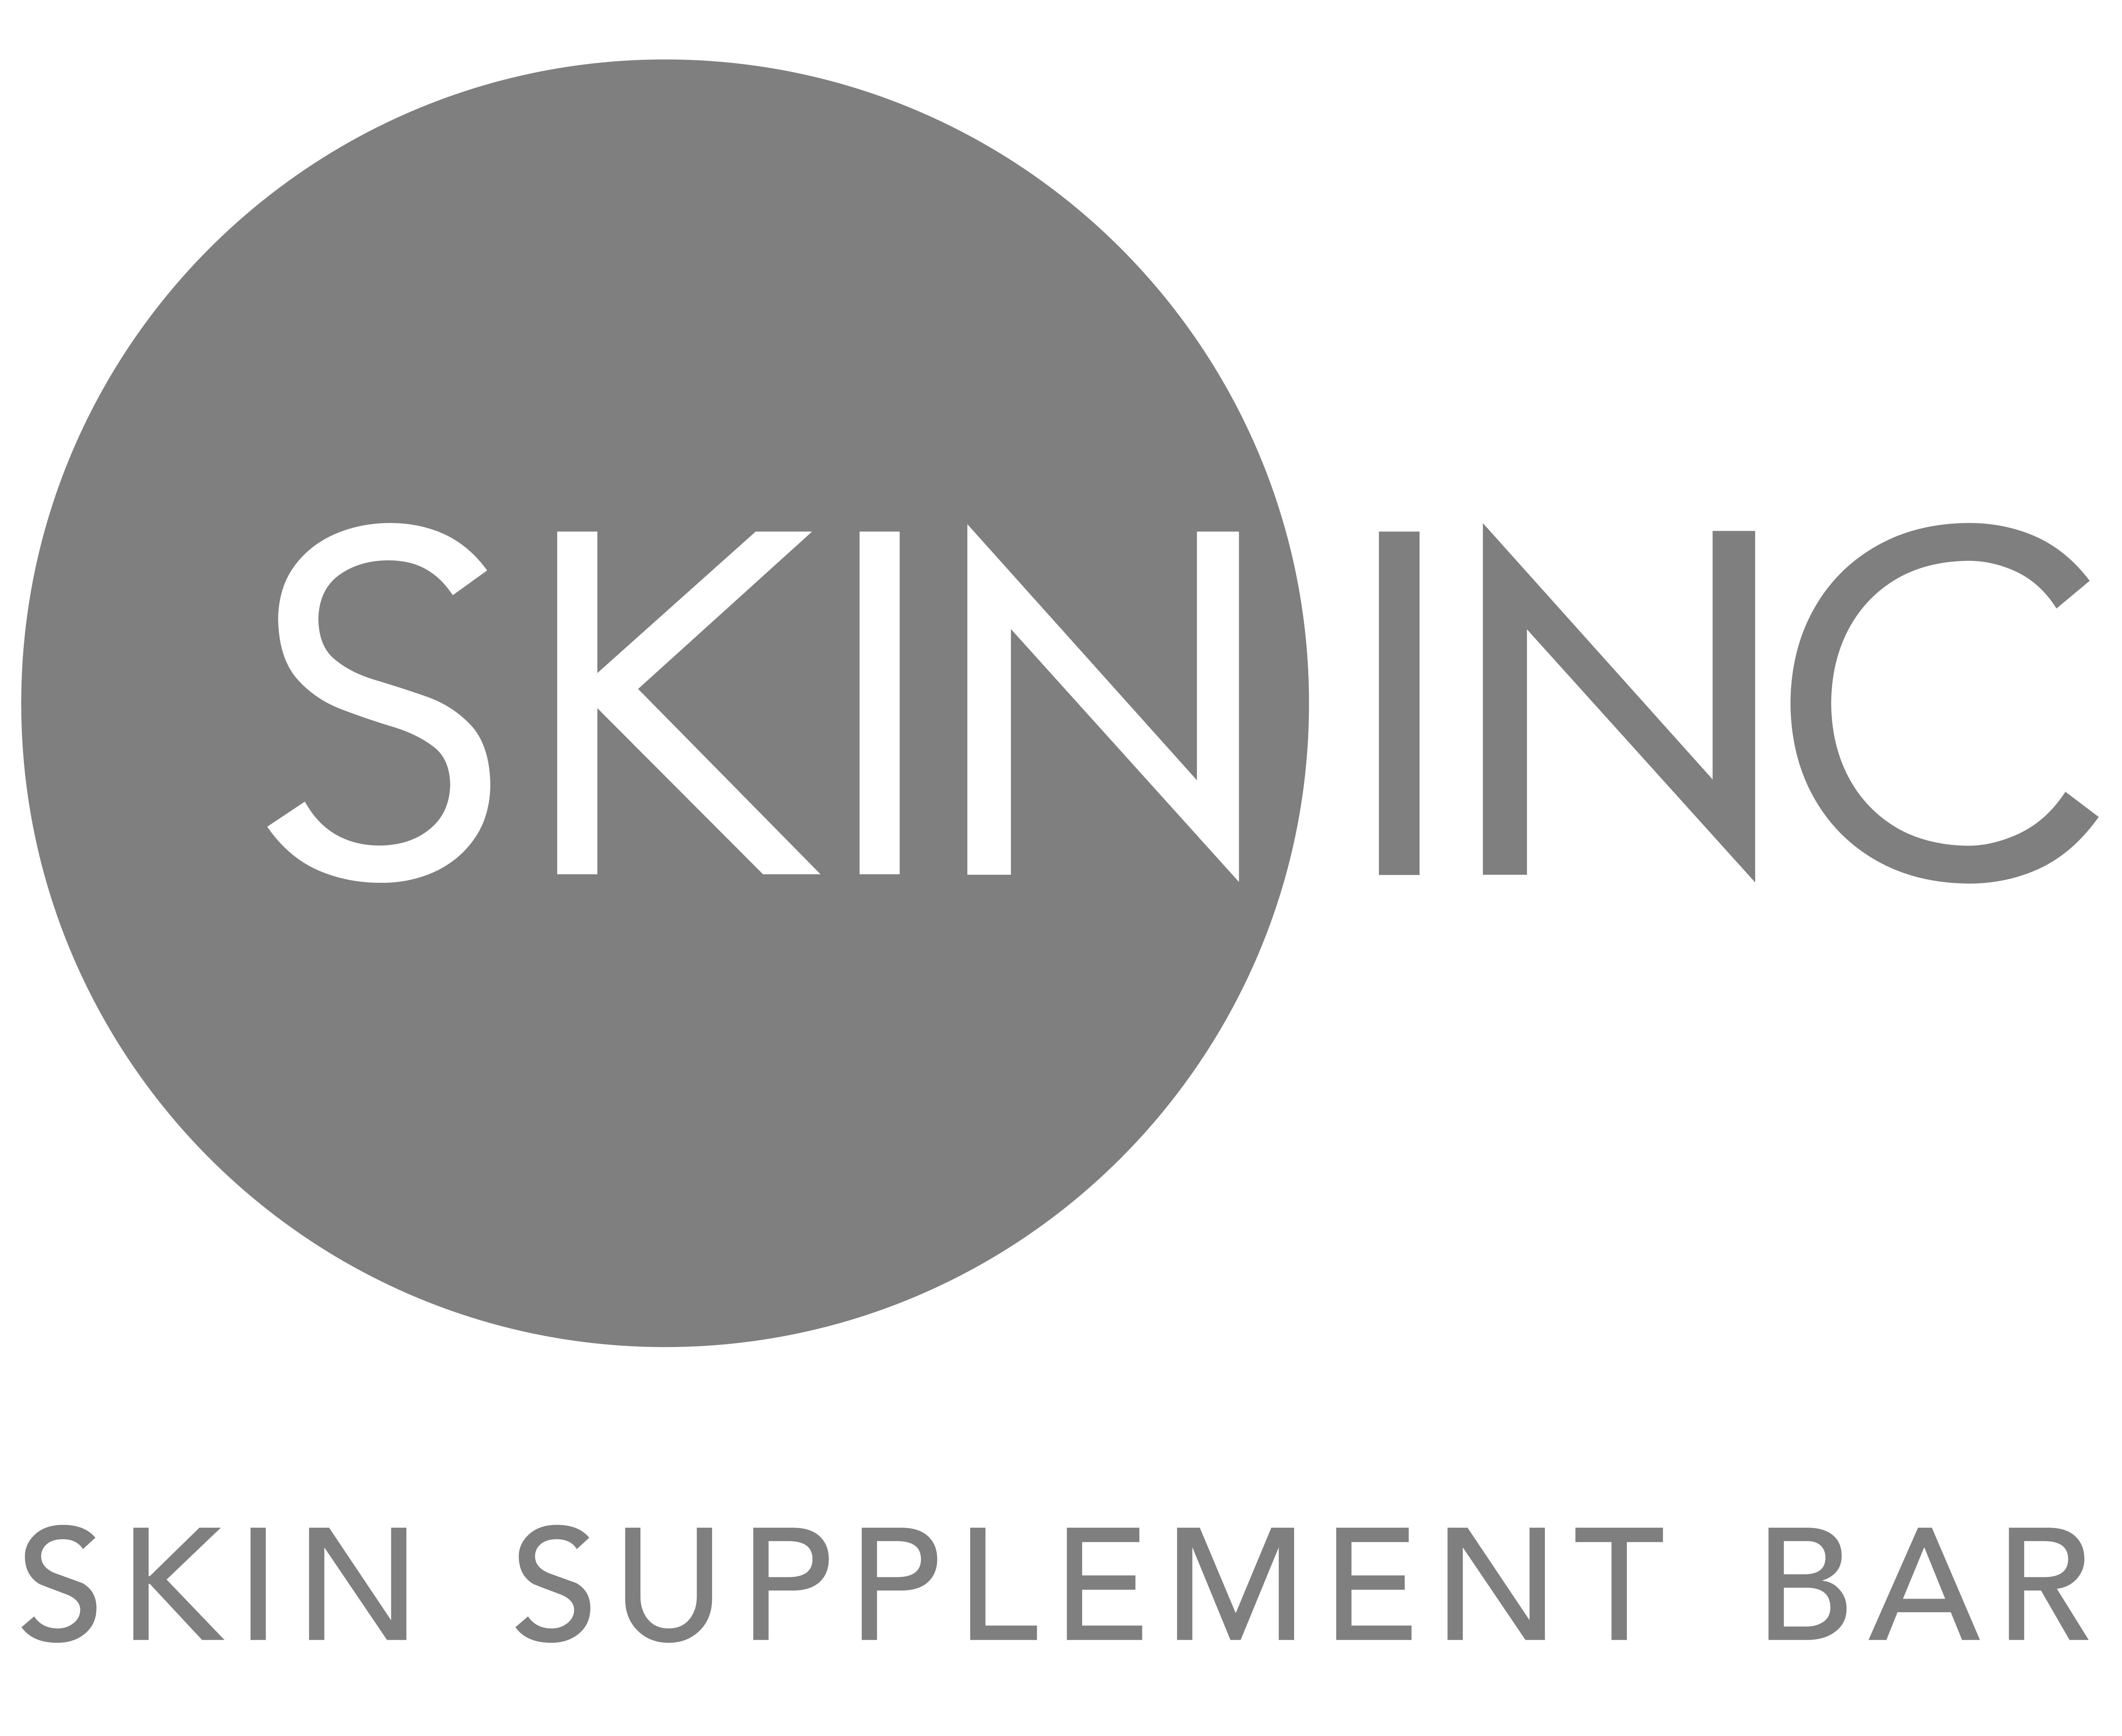 SkinInc_MasterLogo2014_Tagline_CMYK_HR-01